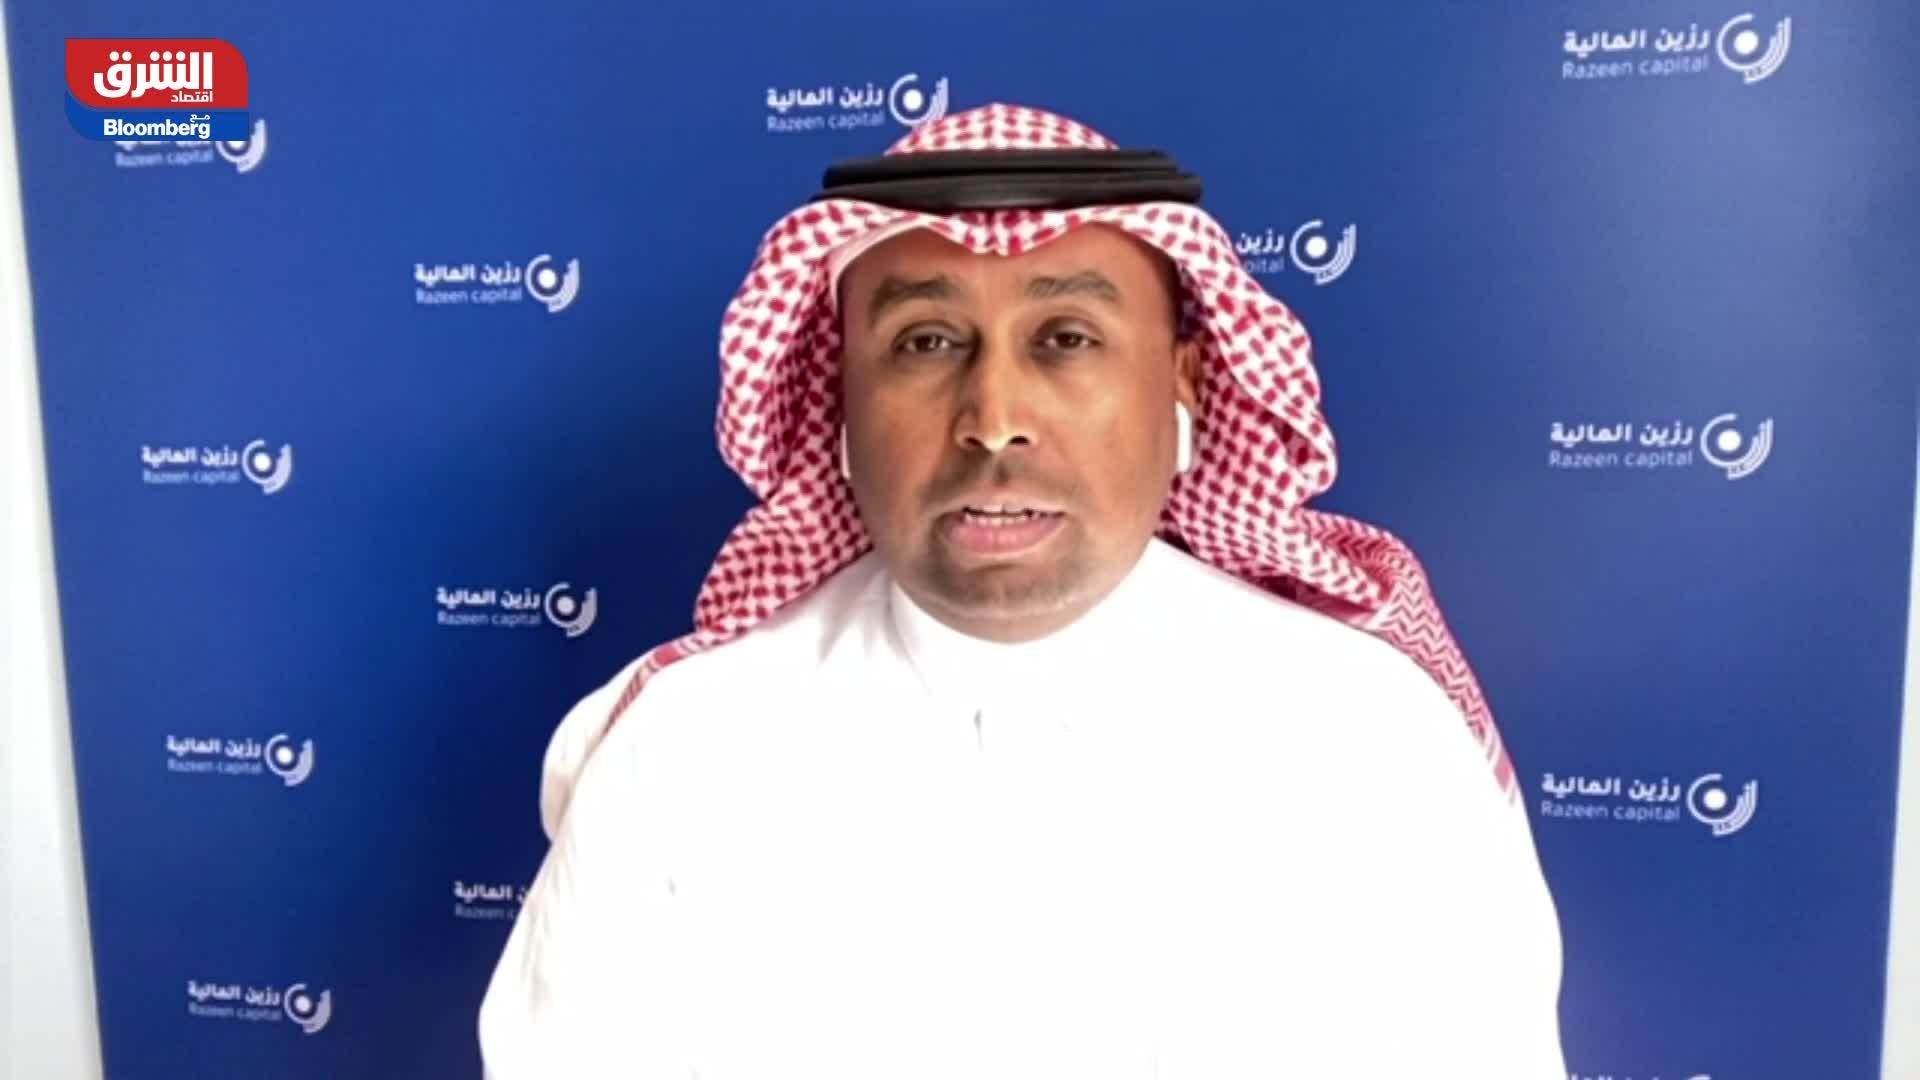 هل سعرت الأسواق الخليجية خصوصًا السوق السعودي ارتفاعات النفط بشكل كامل؟